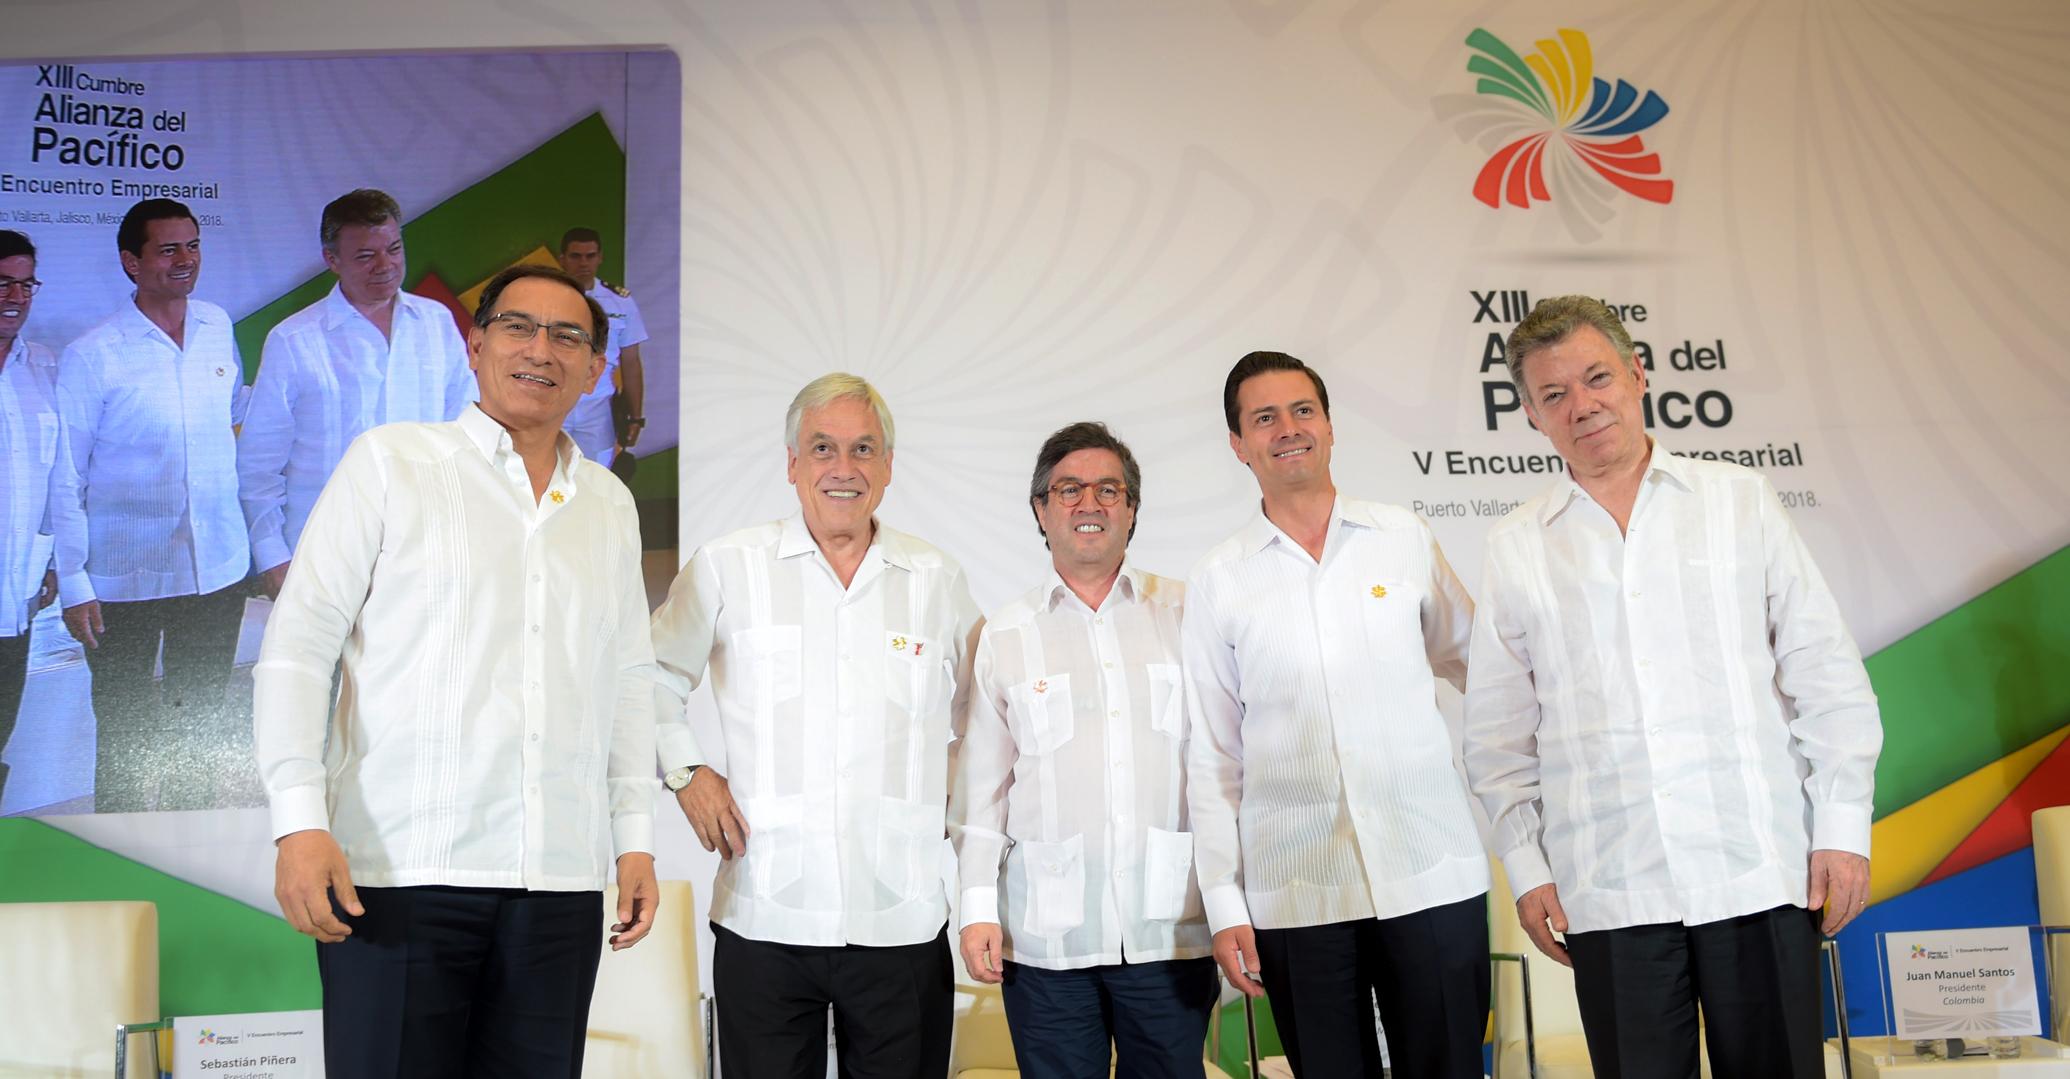 La Alianza del Pacífico es un mecanismo de integración regional creado en 2011, conformado por Chile, Colombia, Perú y México.